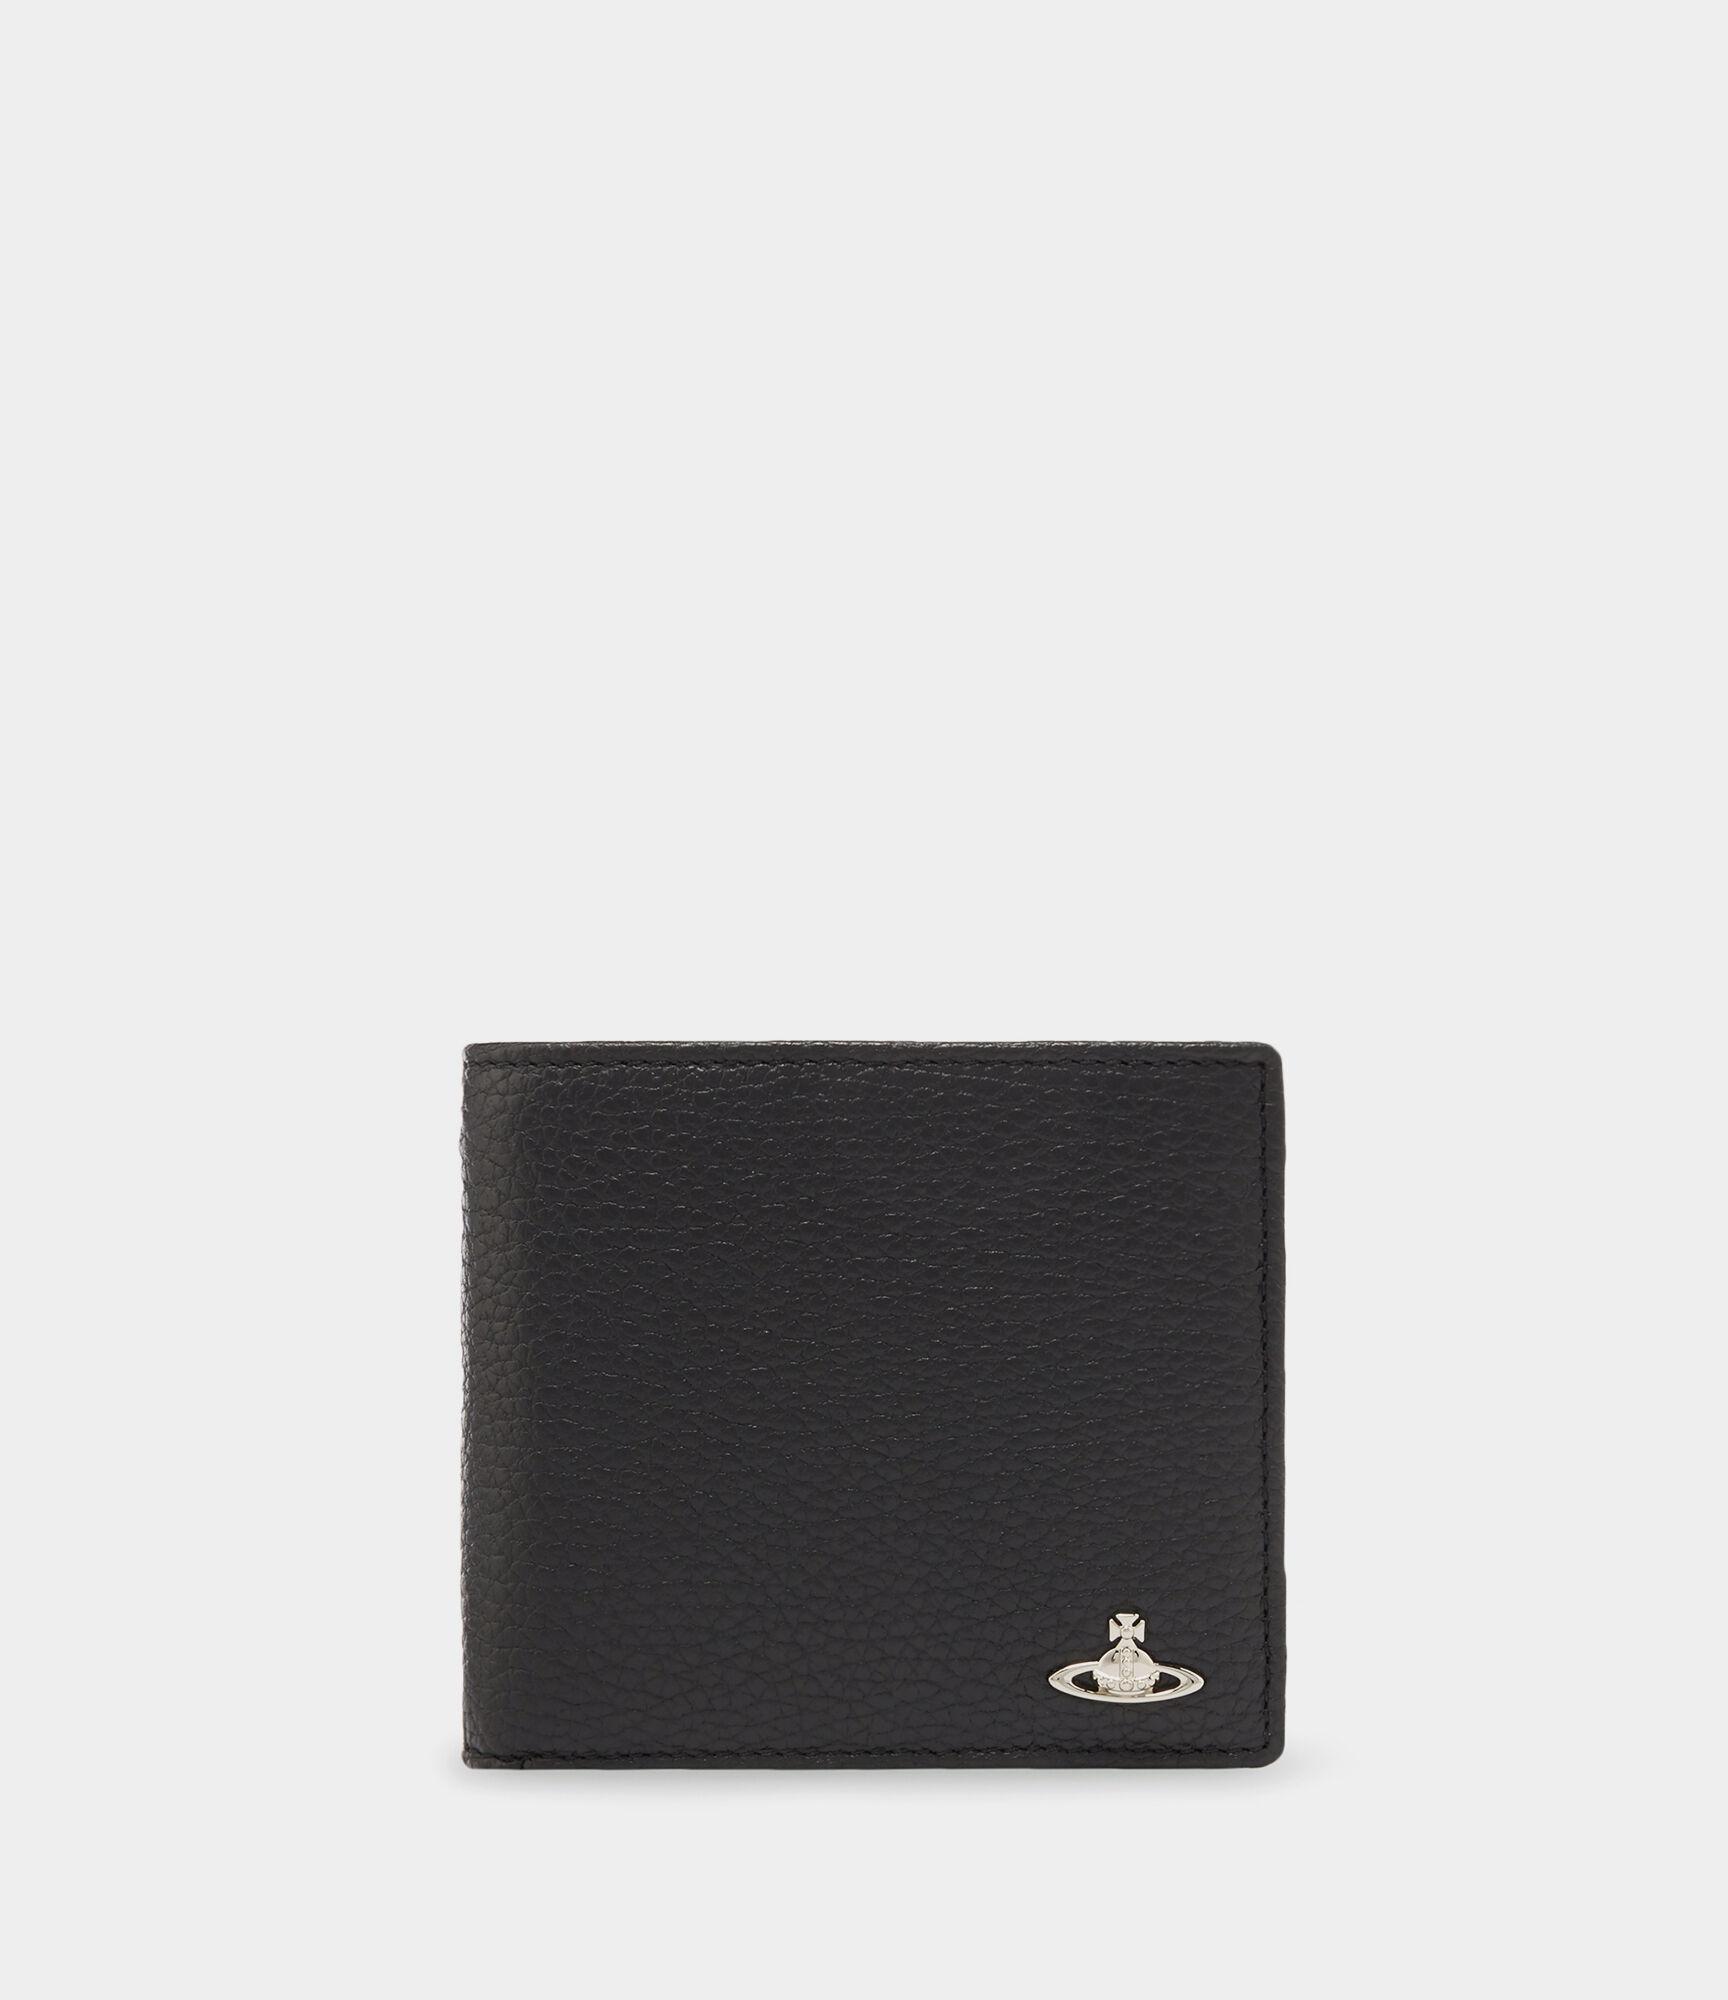 Portefeuille Milano avec Porte-monnaie 51010016 Coloris Noir